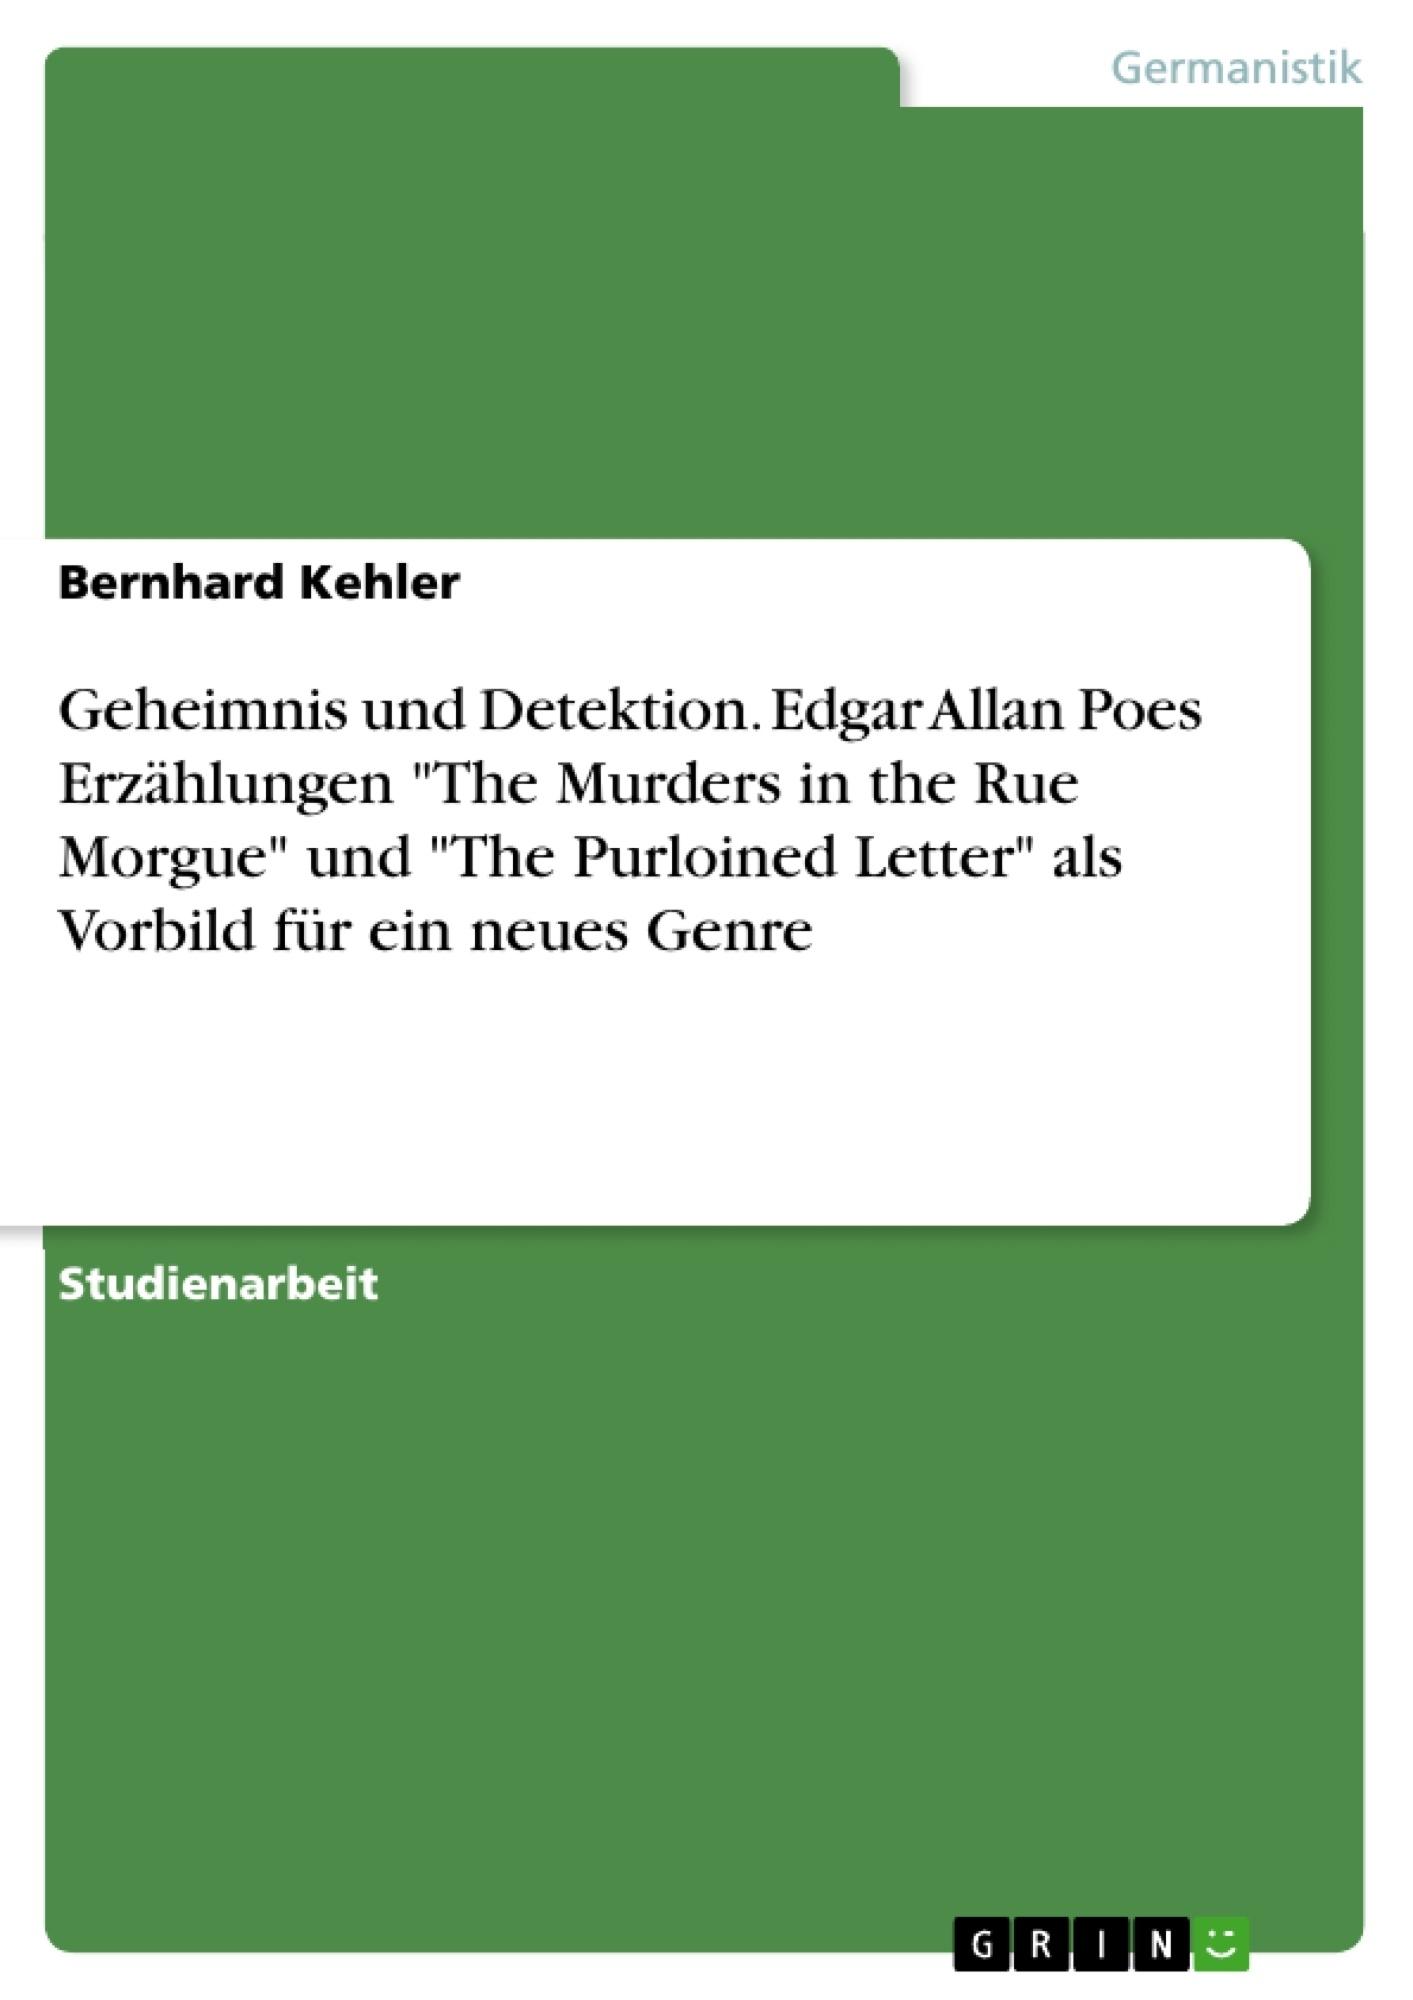 """Titel: Geheimnis und Detektion. Edgar Allan Poes Erzählungen """"The Murders in the Rue Morgue"""" und """"The Purloined Letter"""" als Vorbild für ein neues Genre"""